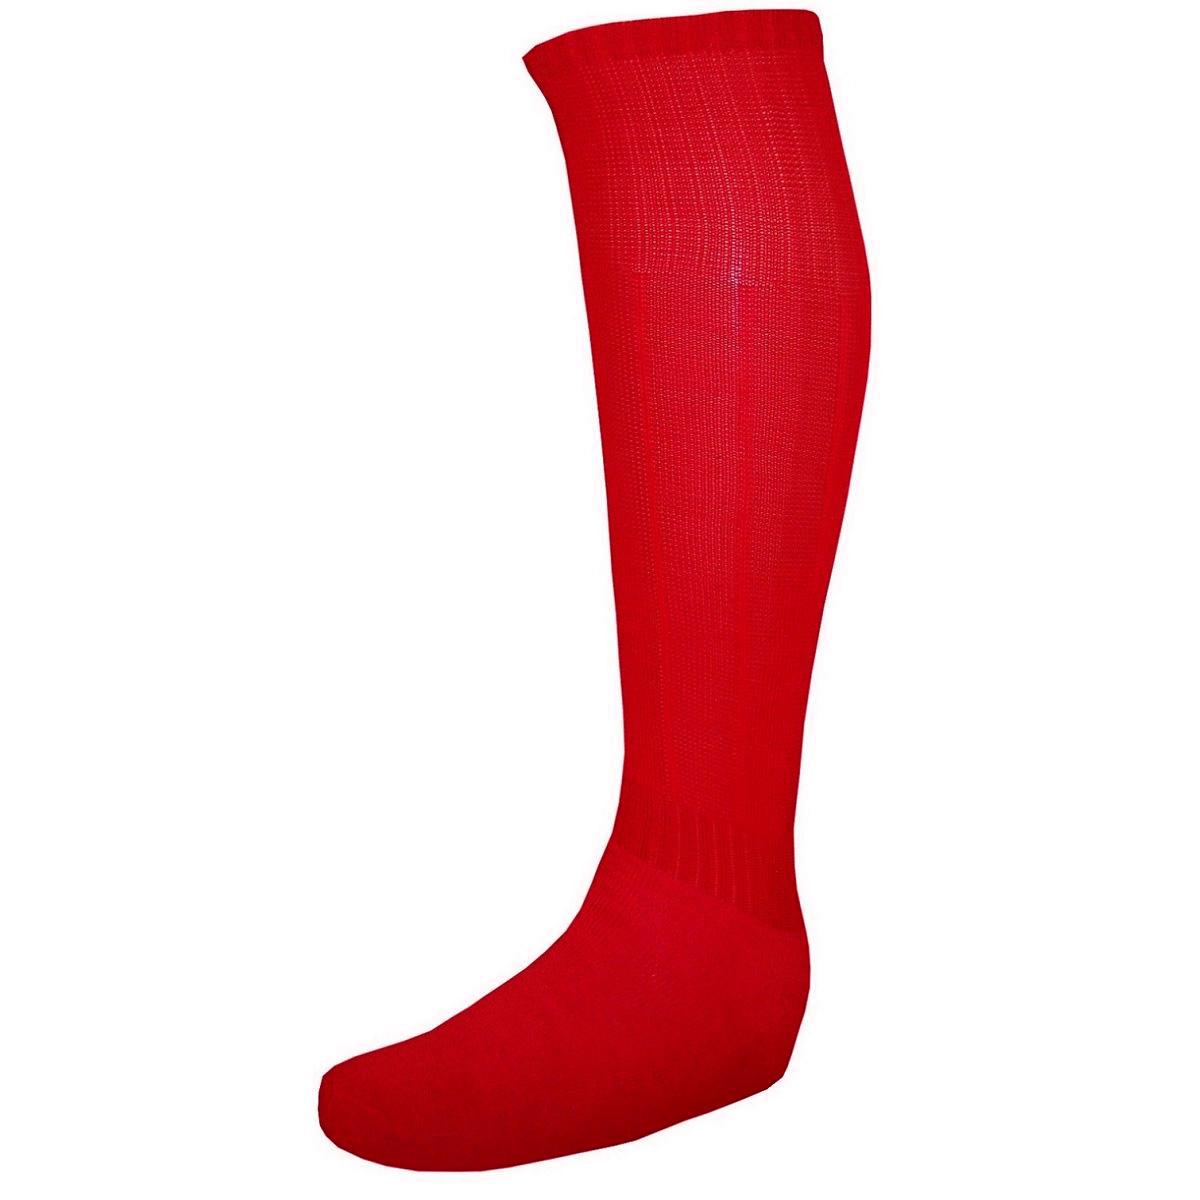 Fardamento Completo modelo City 12+1 (12 Camisas Vermelho/Branco + 12 Calções Madrid Vermelho + 12 Pares de Meiões Vermelhos + 1 Conjunto de Goleiro) + Brindes